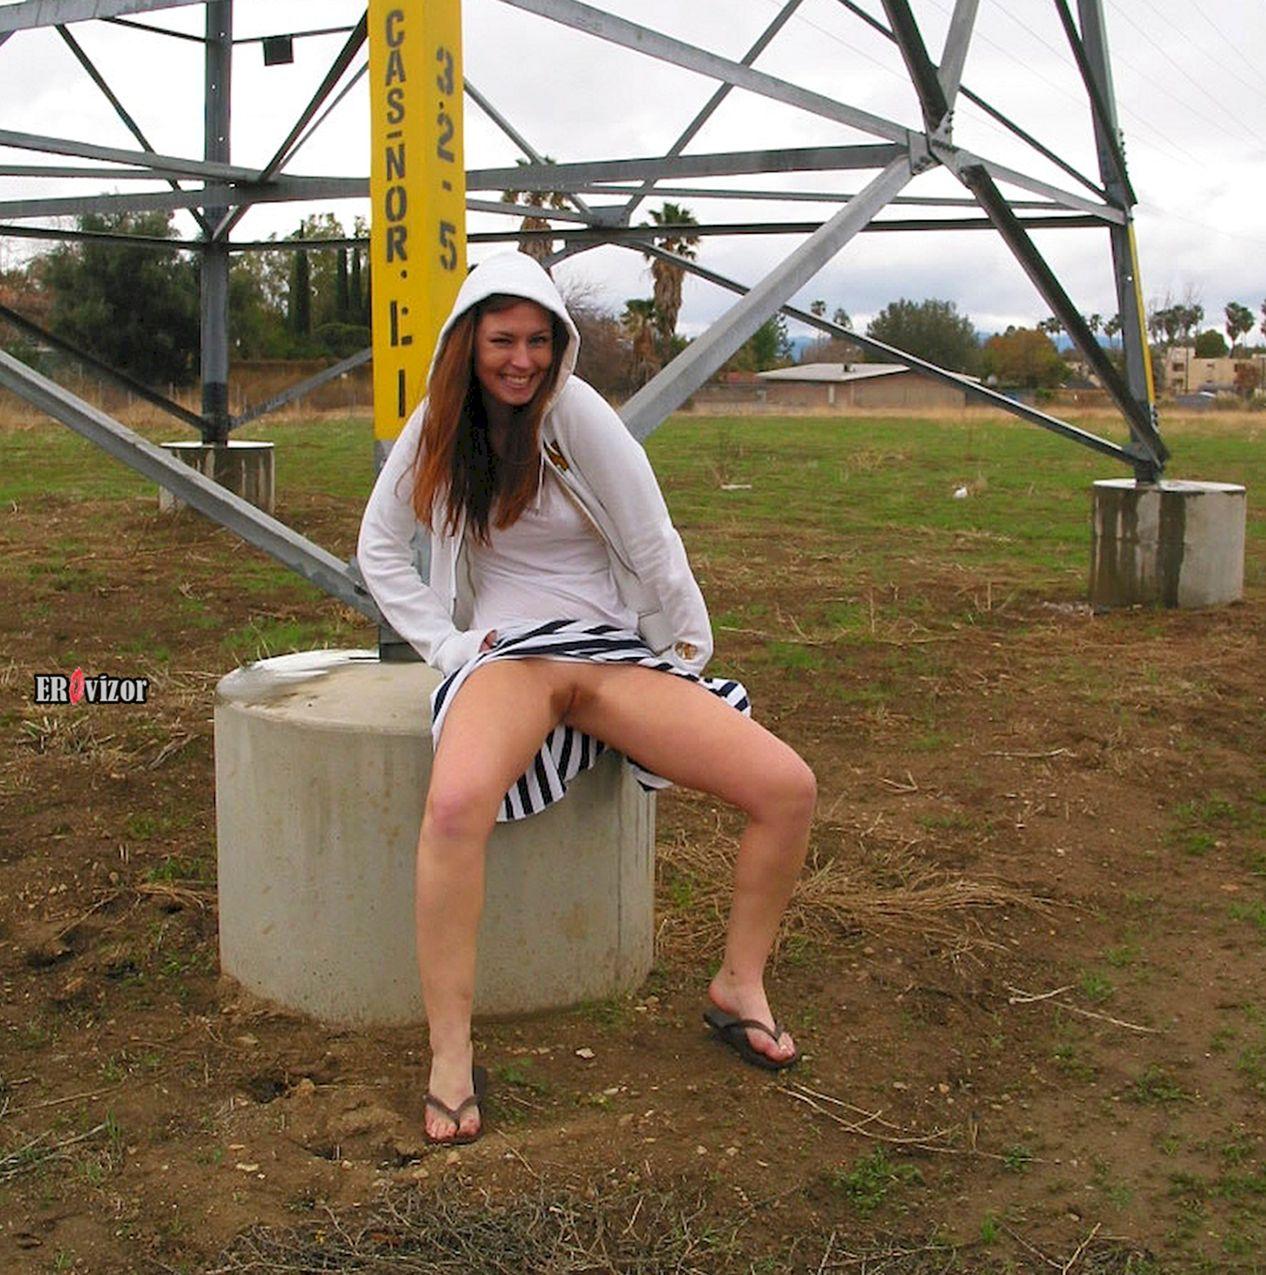 девчонка сидит на улице без трусиков под юбкой